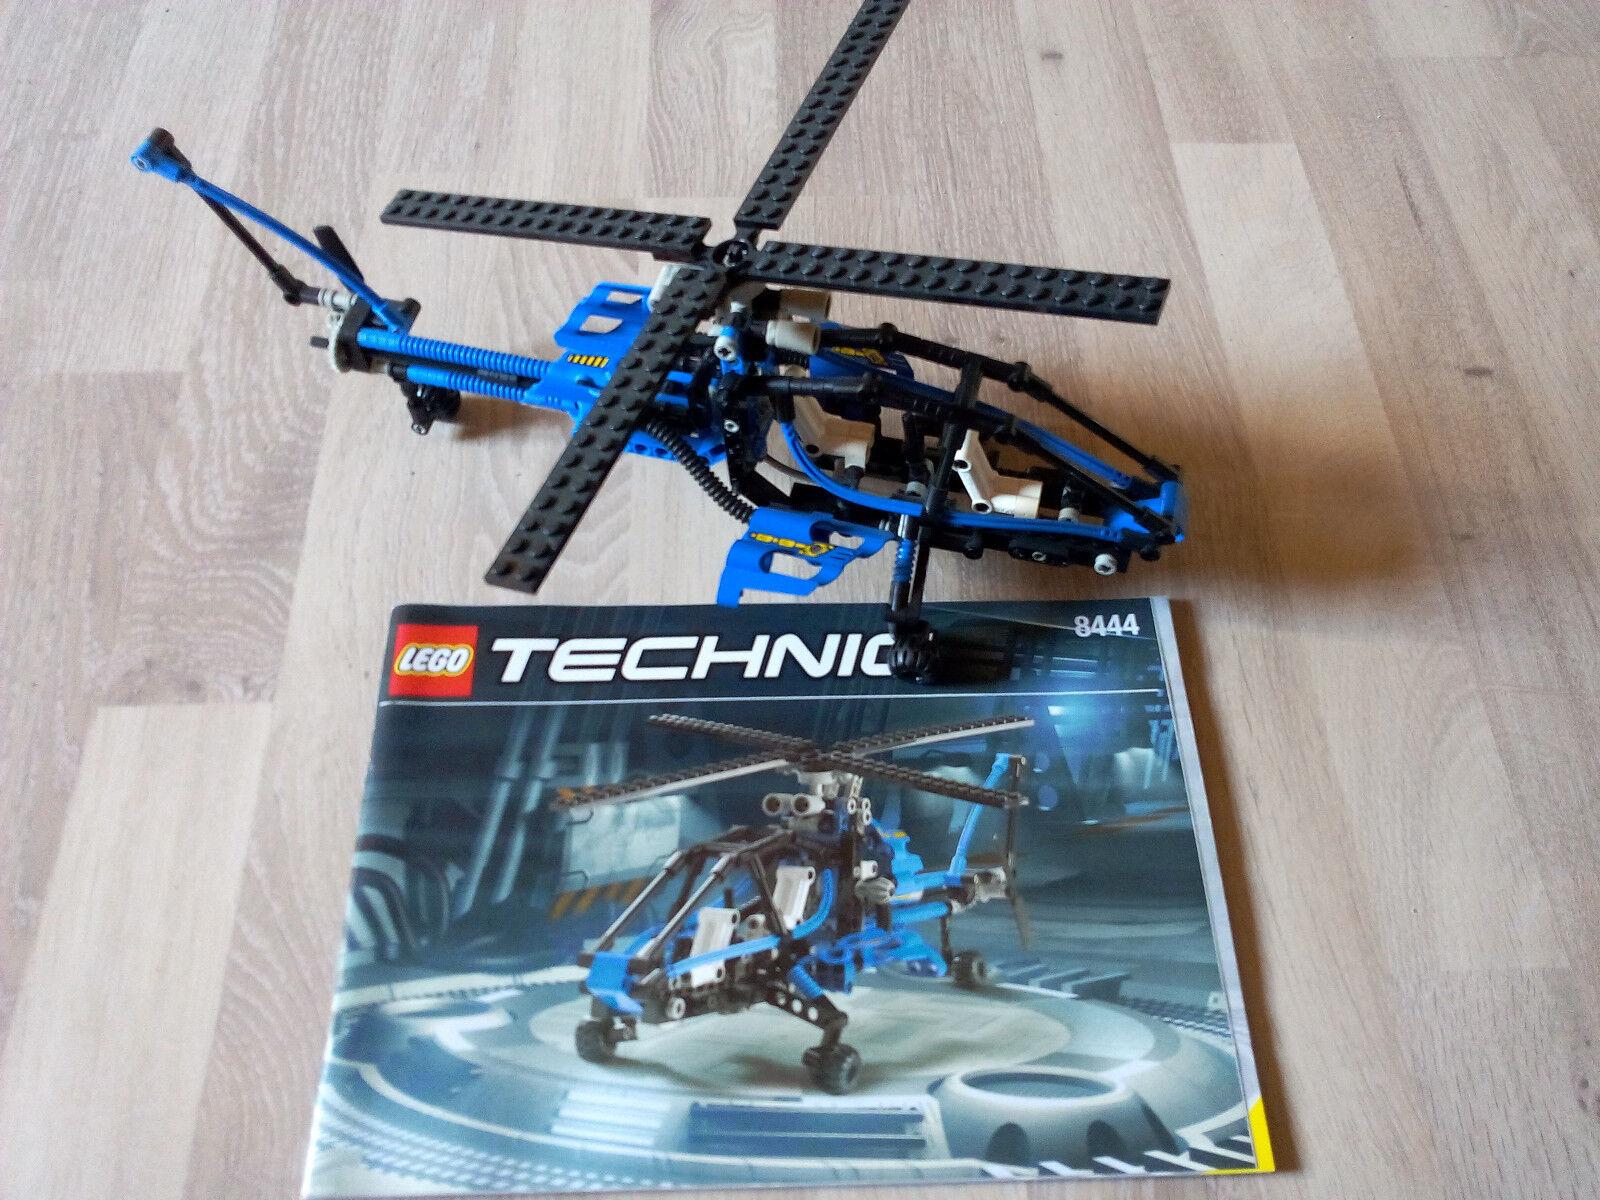 Lego Technic Technik 8444 Air Enforcer   GUTER ZUSTAND - RARITÄT